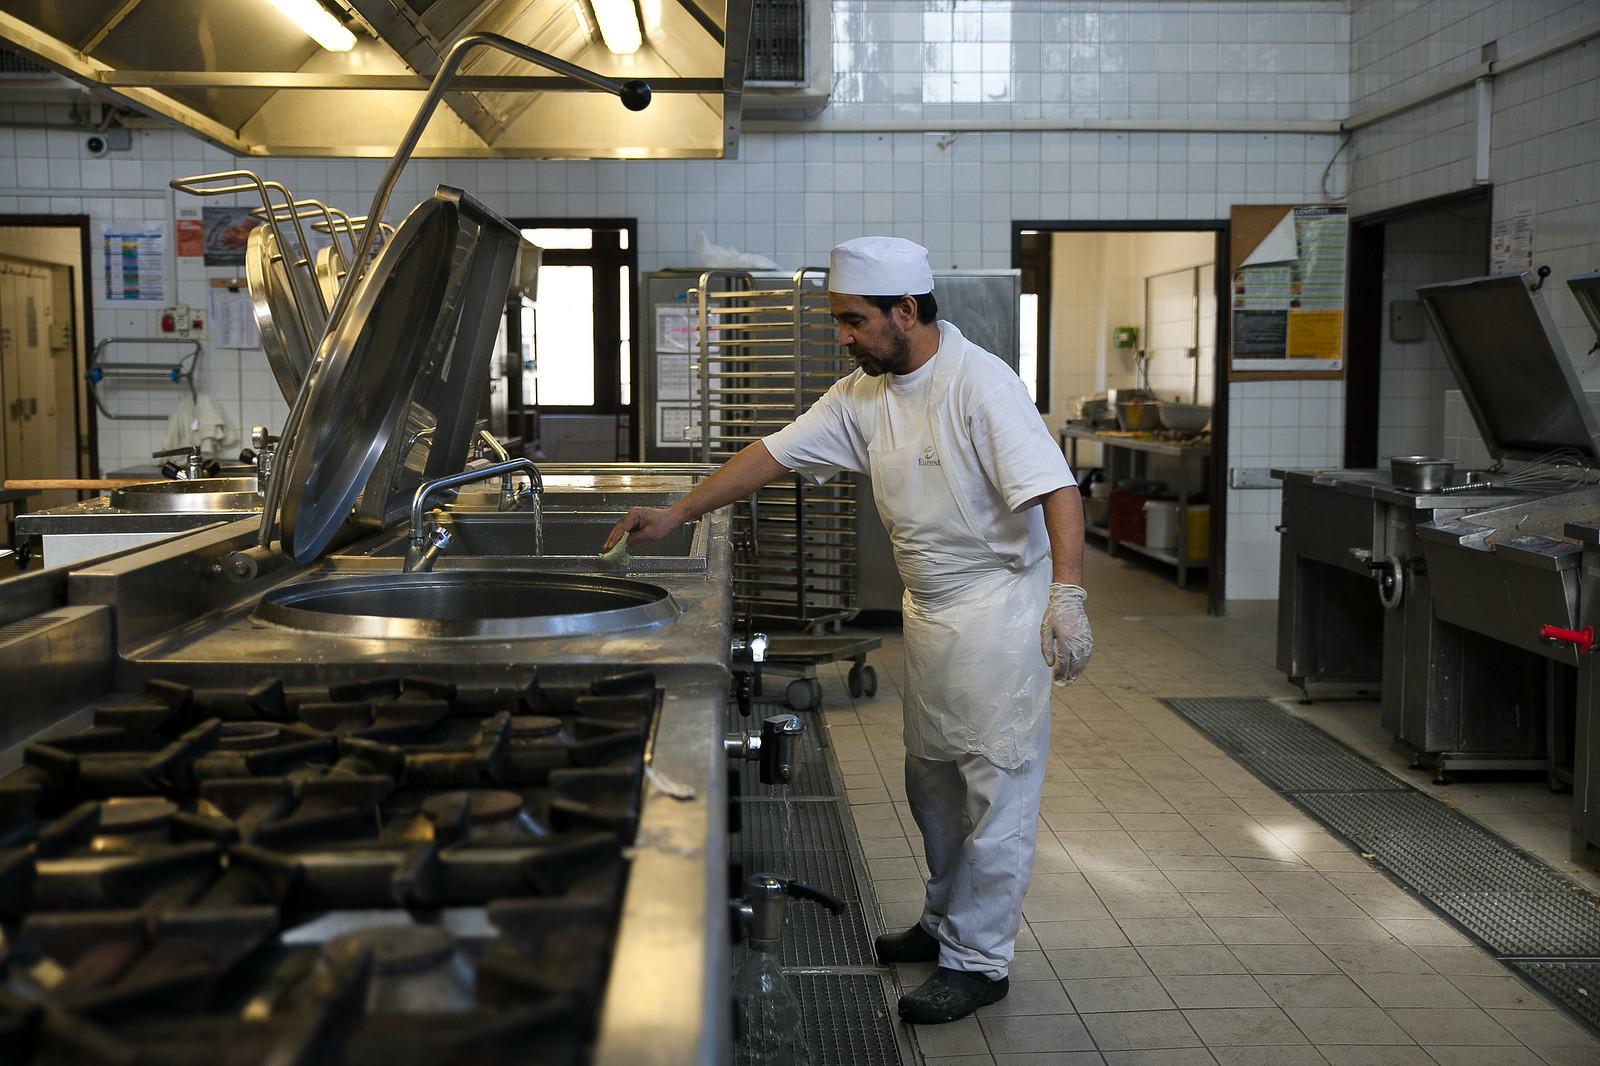 Egy budapesti kórház üzemi konyháján dolgozó menekült | Fotó: Magócsi Márton